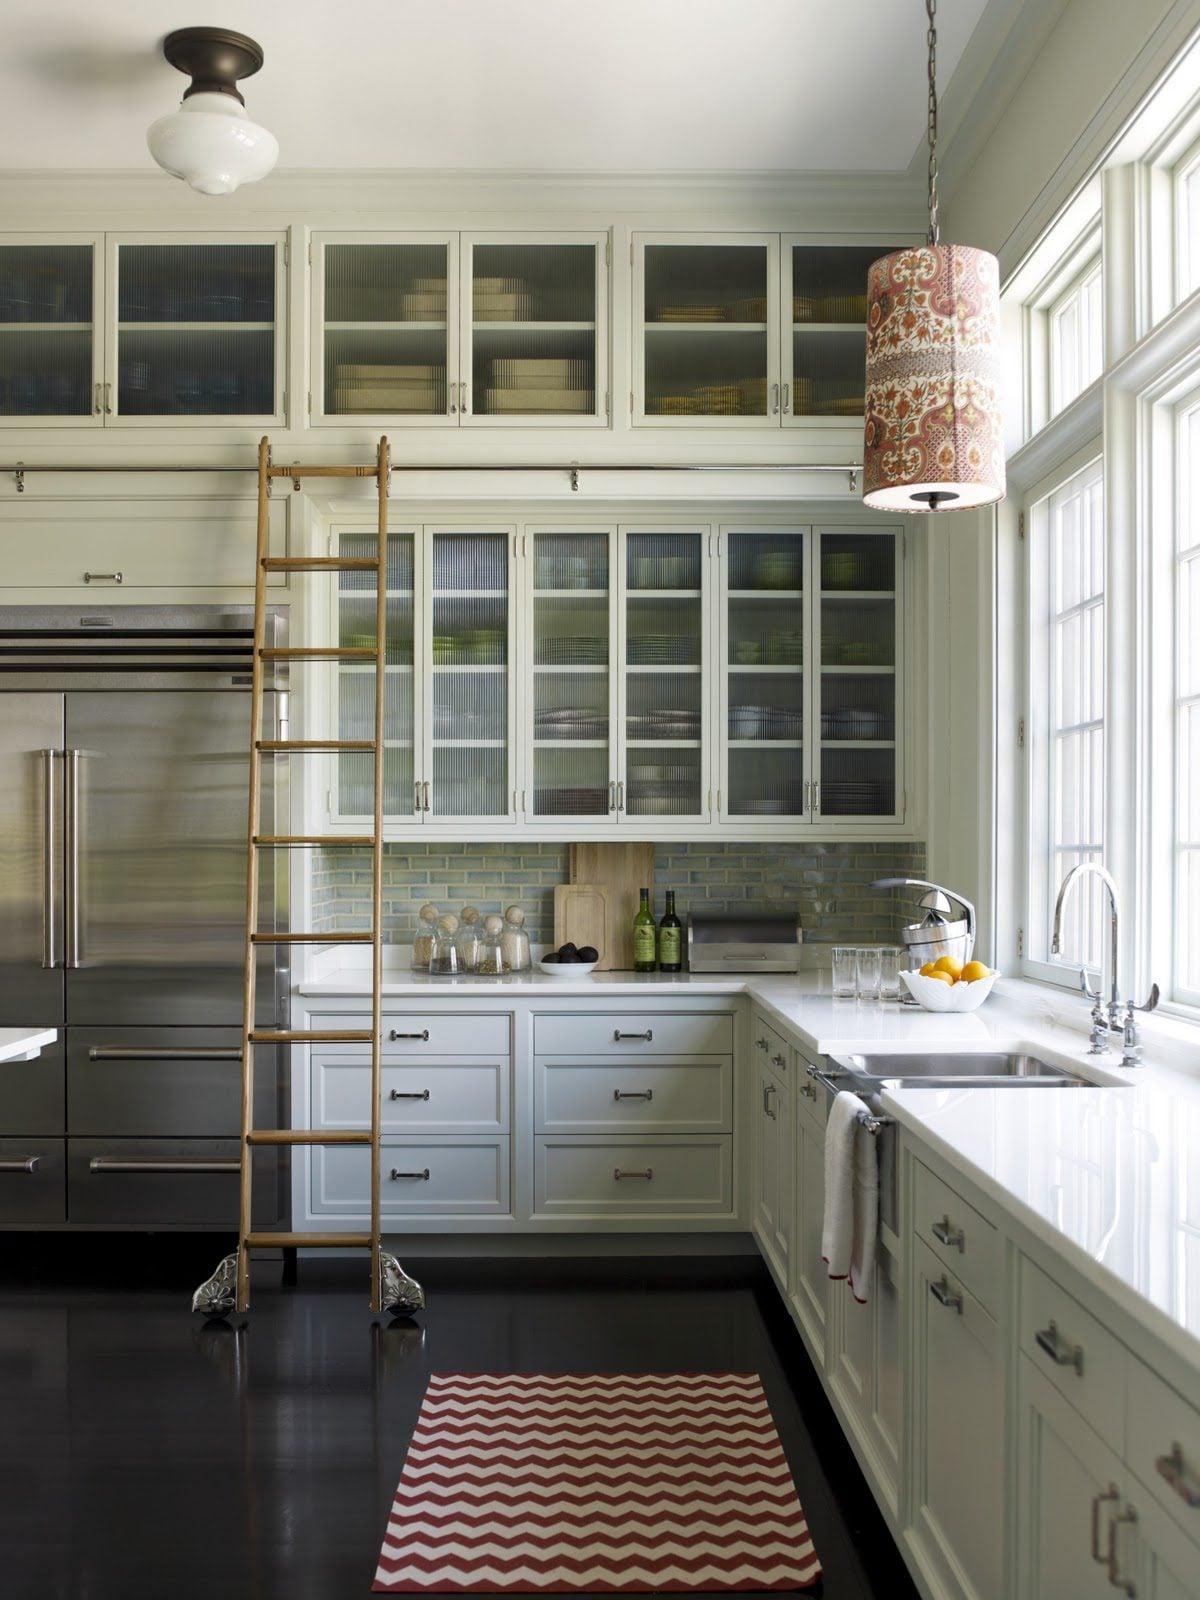 1512 gam mau hoan hao cho phong bep 316a361f81 12 gam màu hoàn hảo cho phòng bếp qpdesign